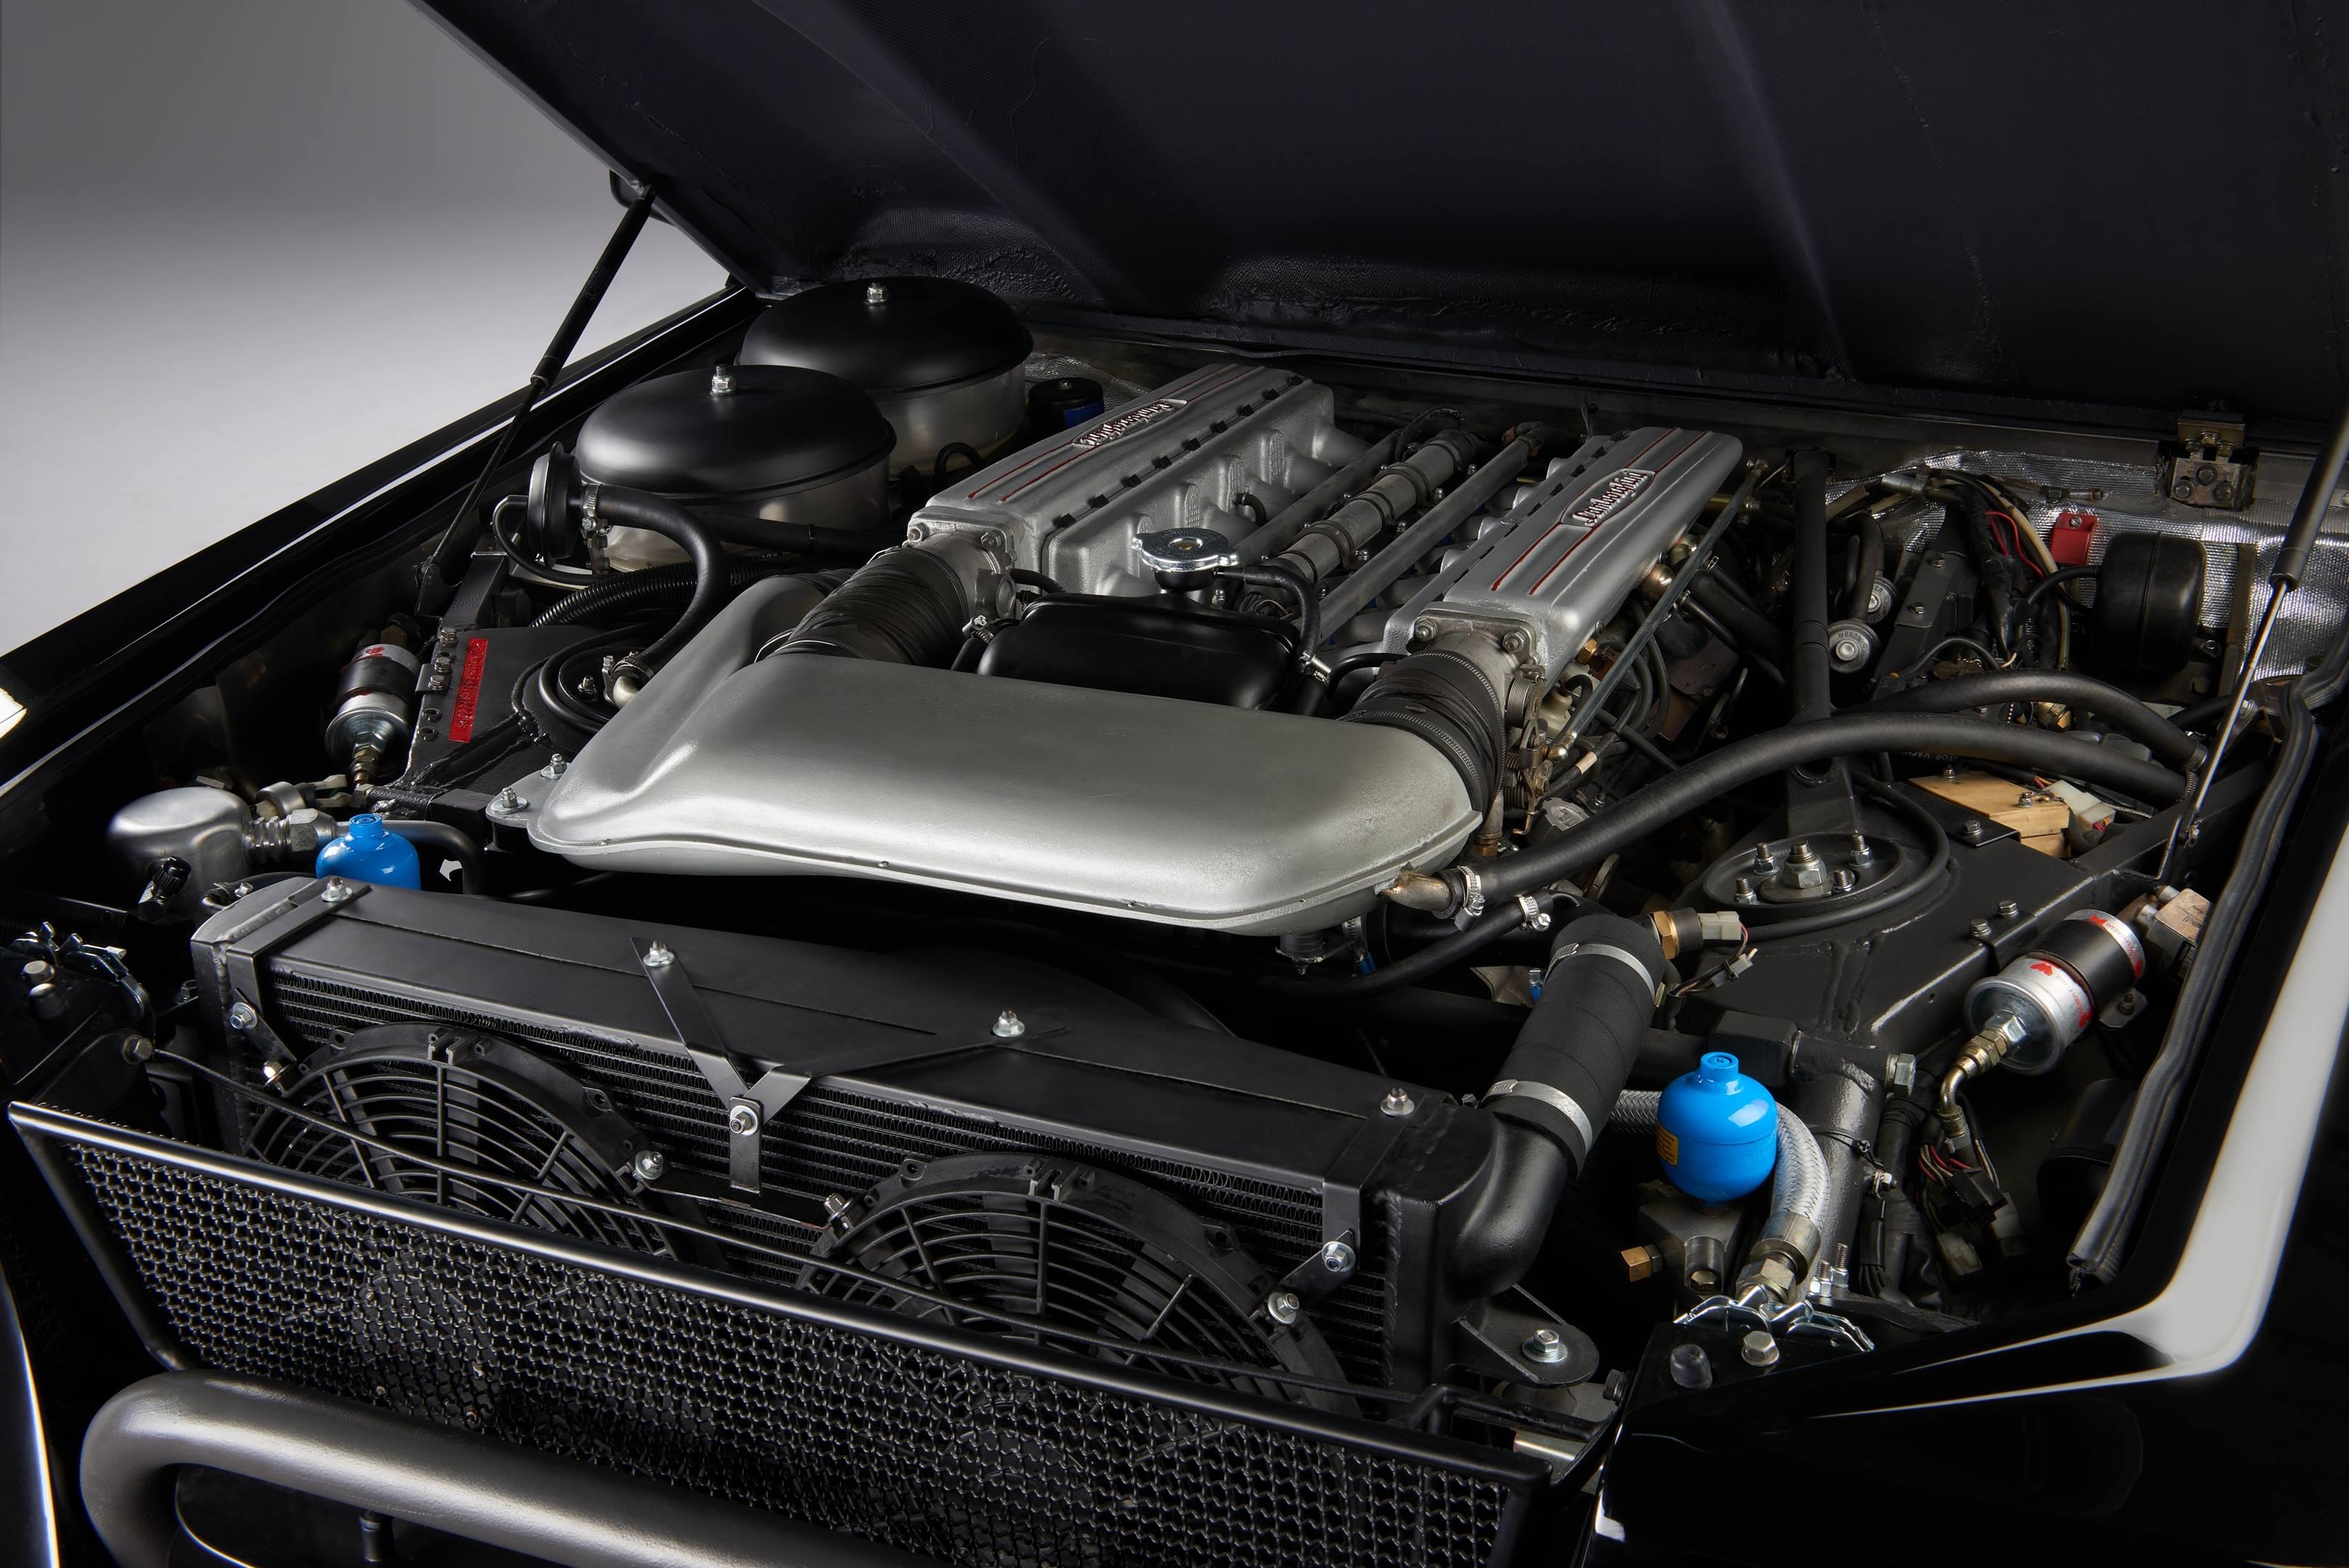 Lamborghini LM002 engine